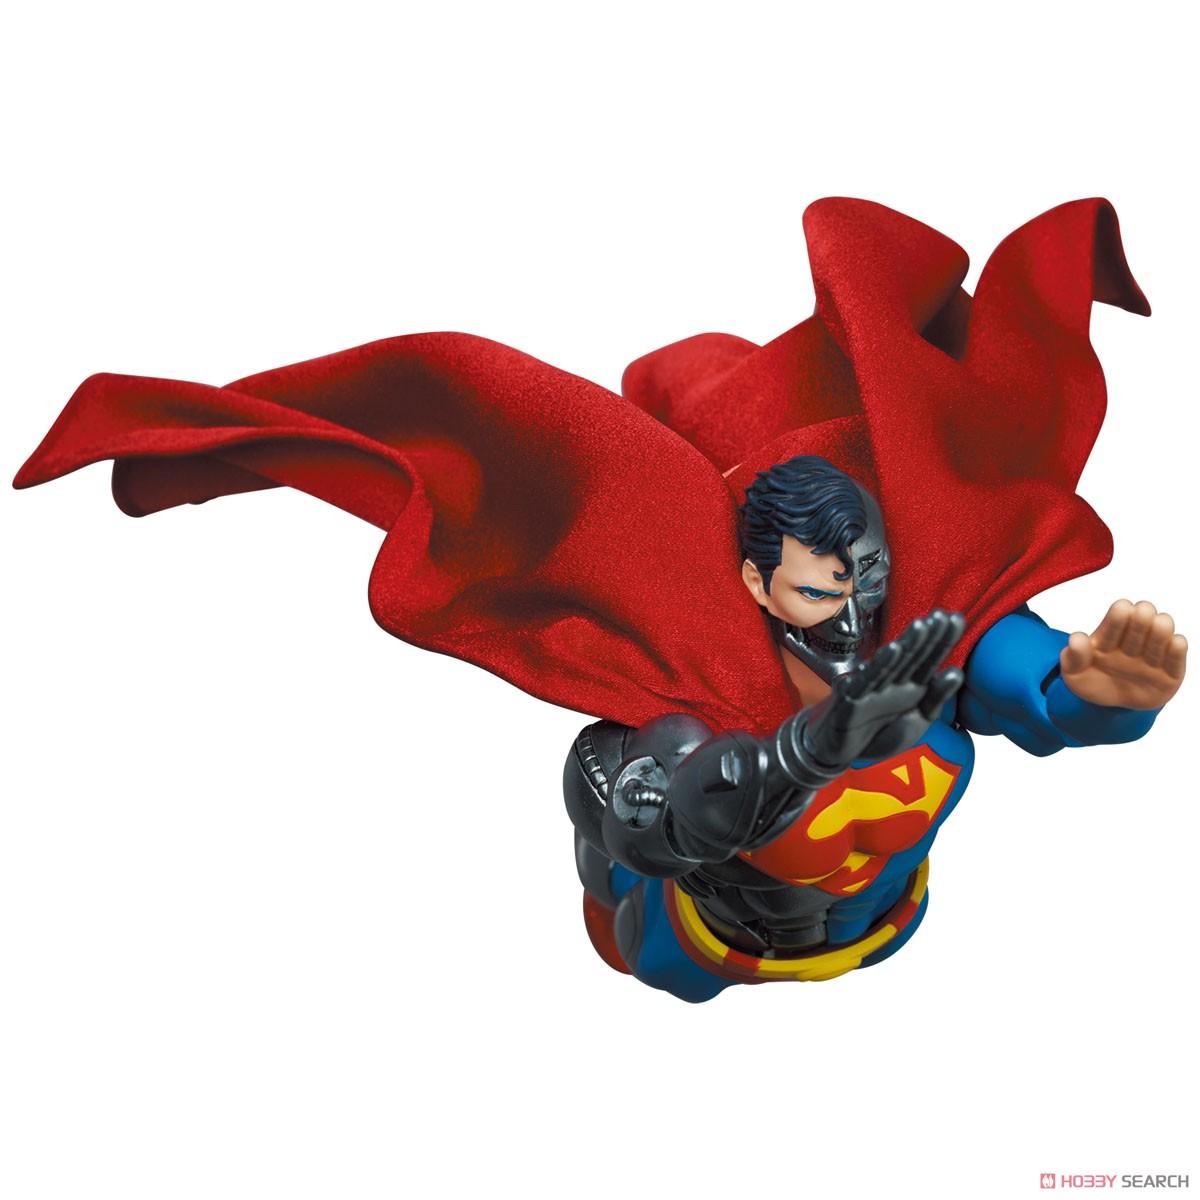 マフェックス No.164 MAFEX『サイボーグ スーパーマン/CYBORG SUPERMAN(RETURN OF SUPERMAN)』リターン・オブ・スーパーマン 可動フィギュア-009